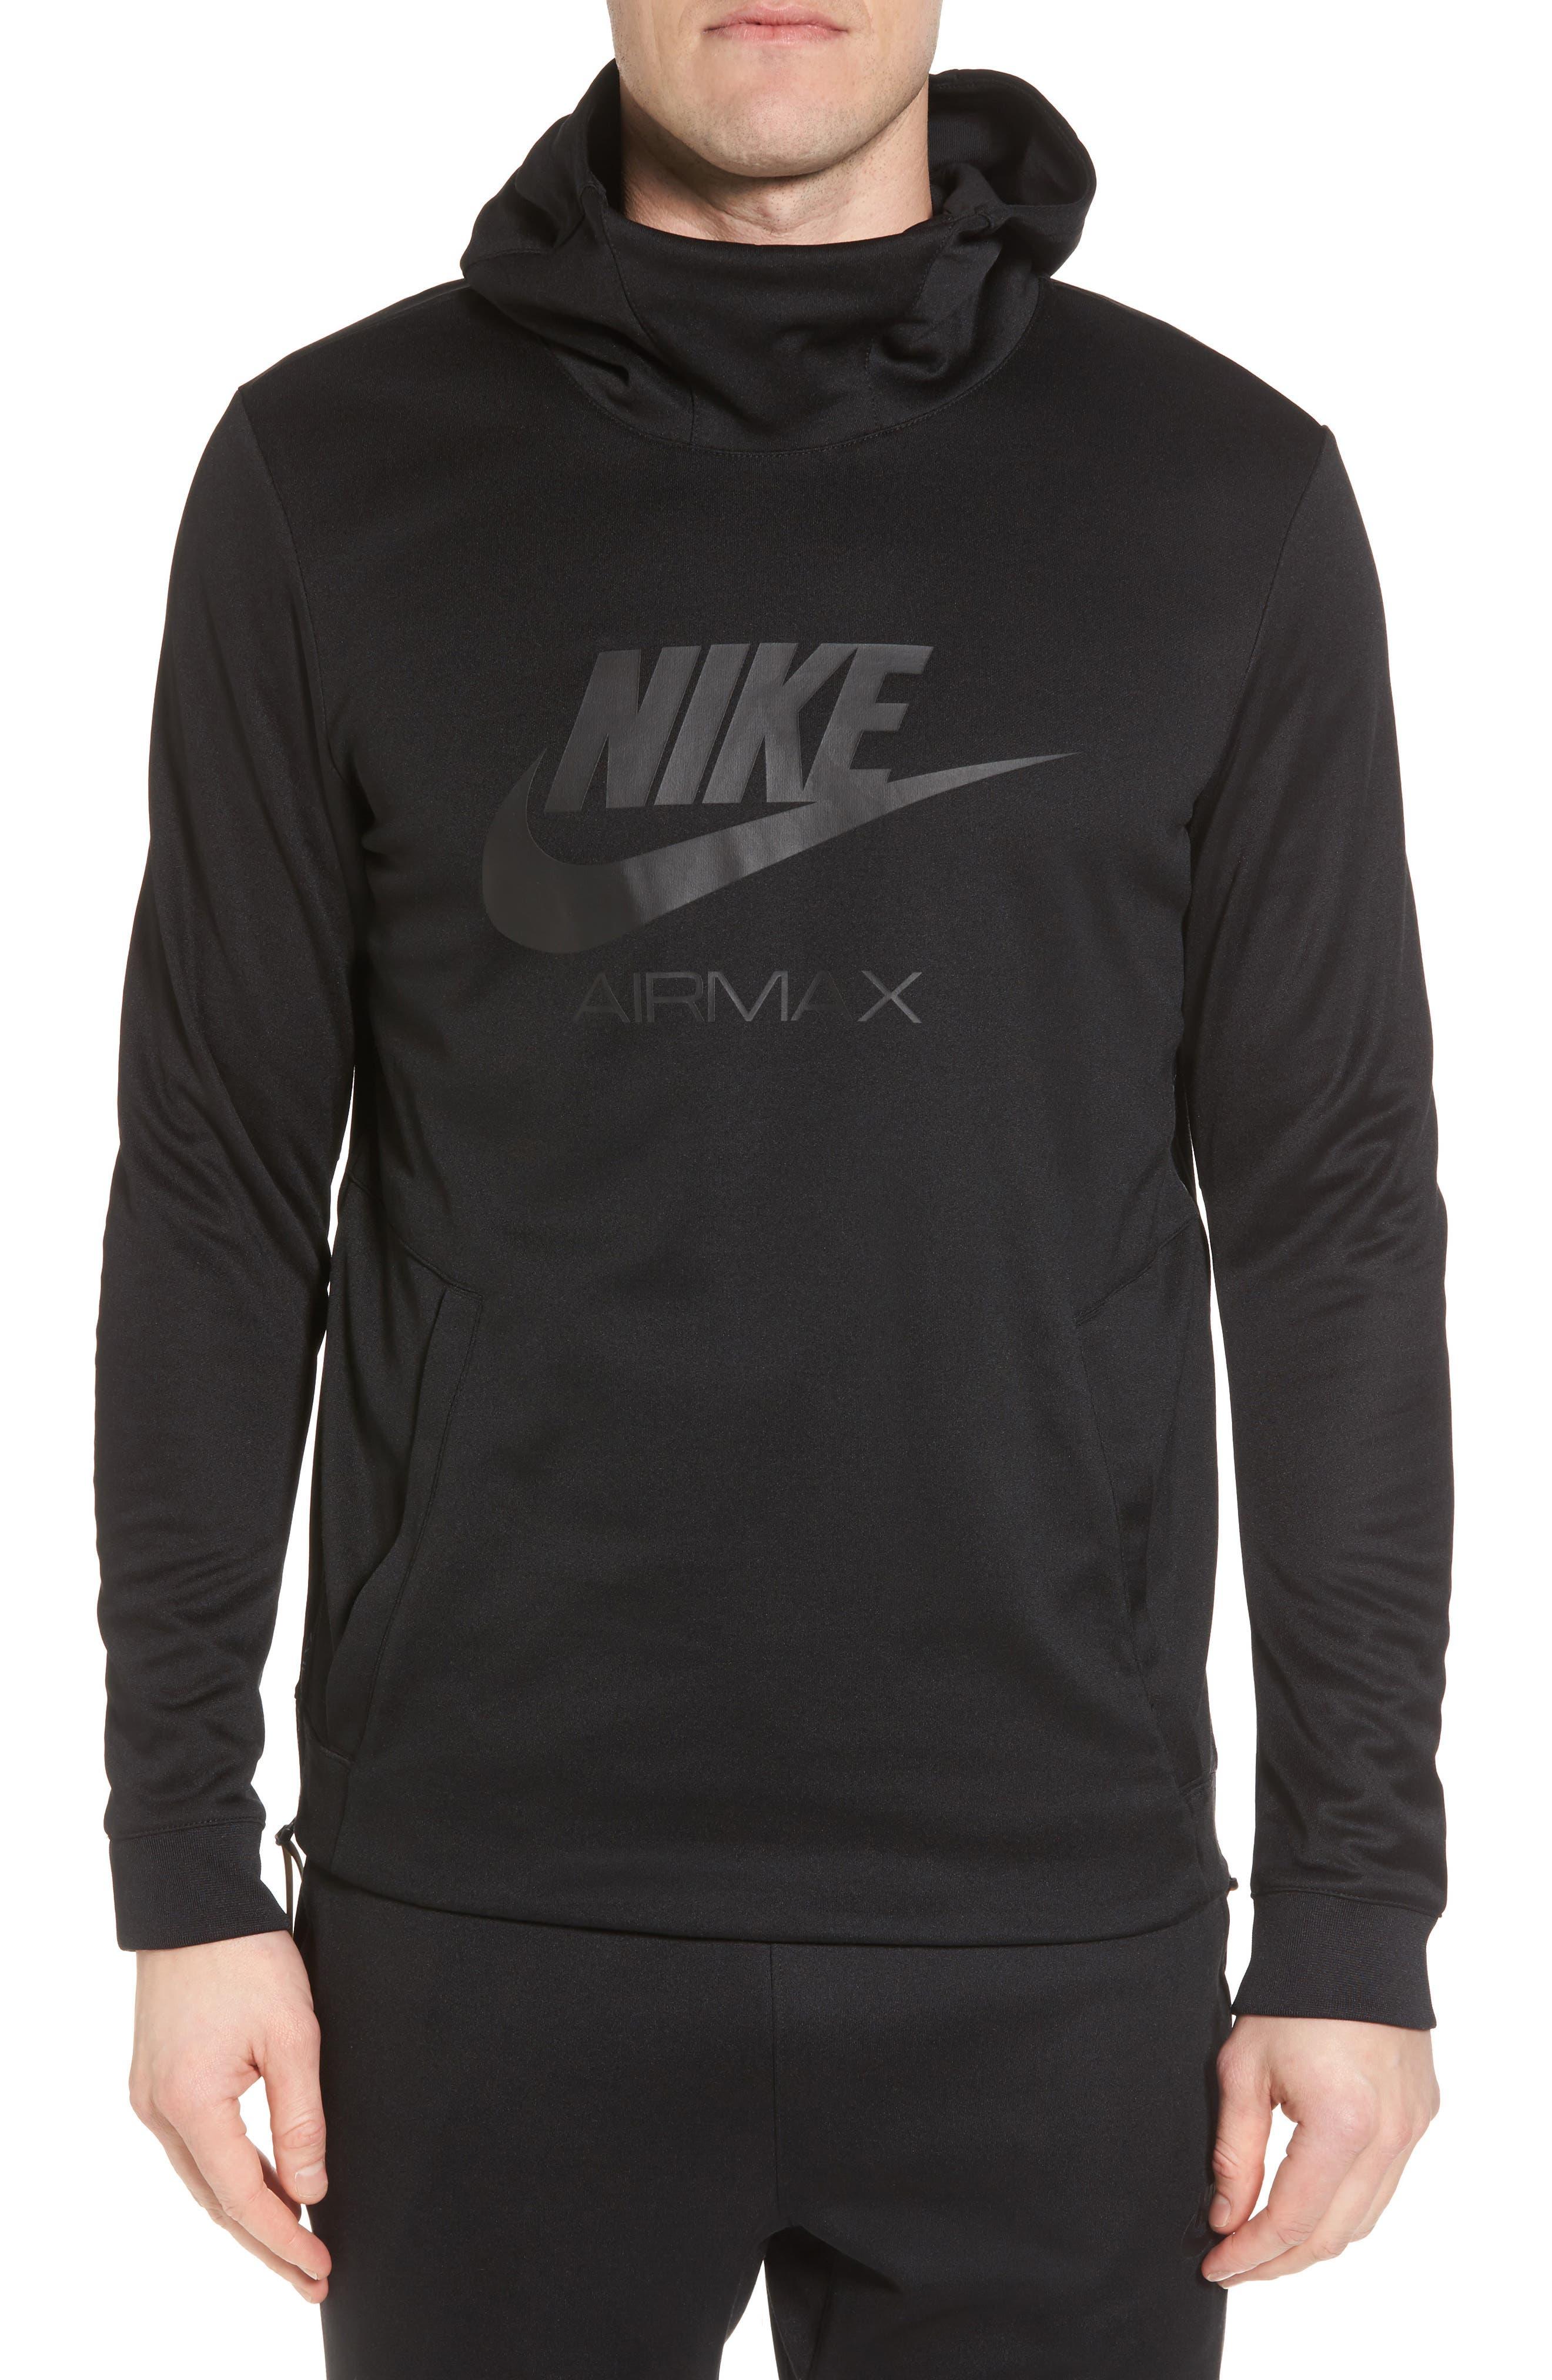 Nike NSW Air Max Hoodie